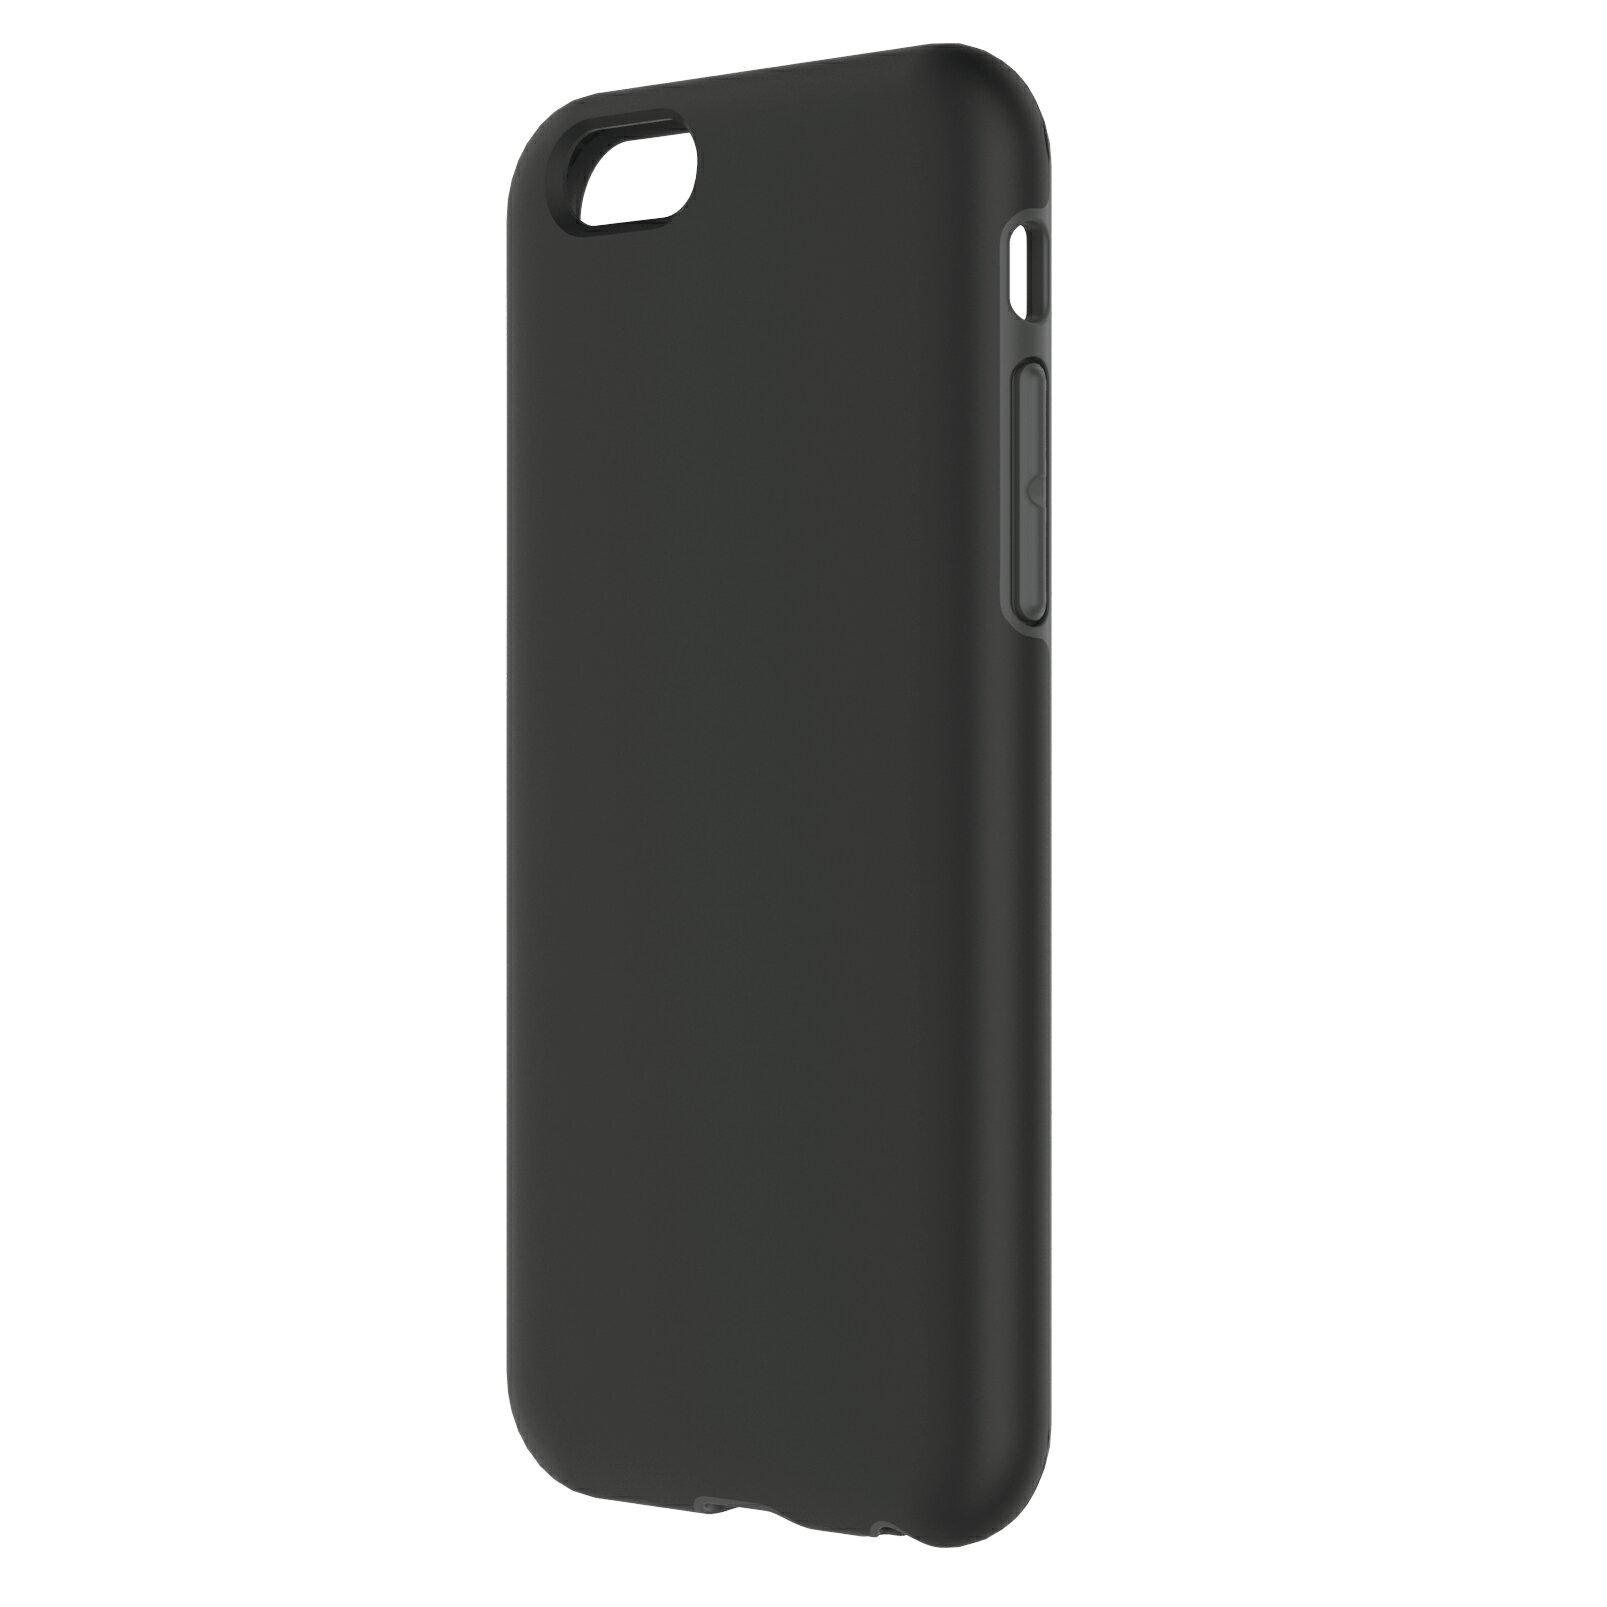 蘋果APPLE i7 4.7吋 犀牛盾RhinoShield Playproof 防摔背蓋手機殼 手機殼 手機背殼